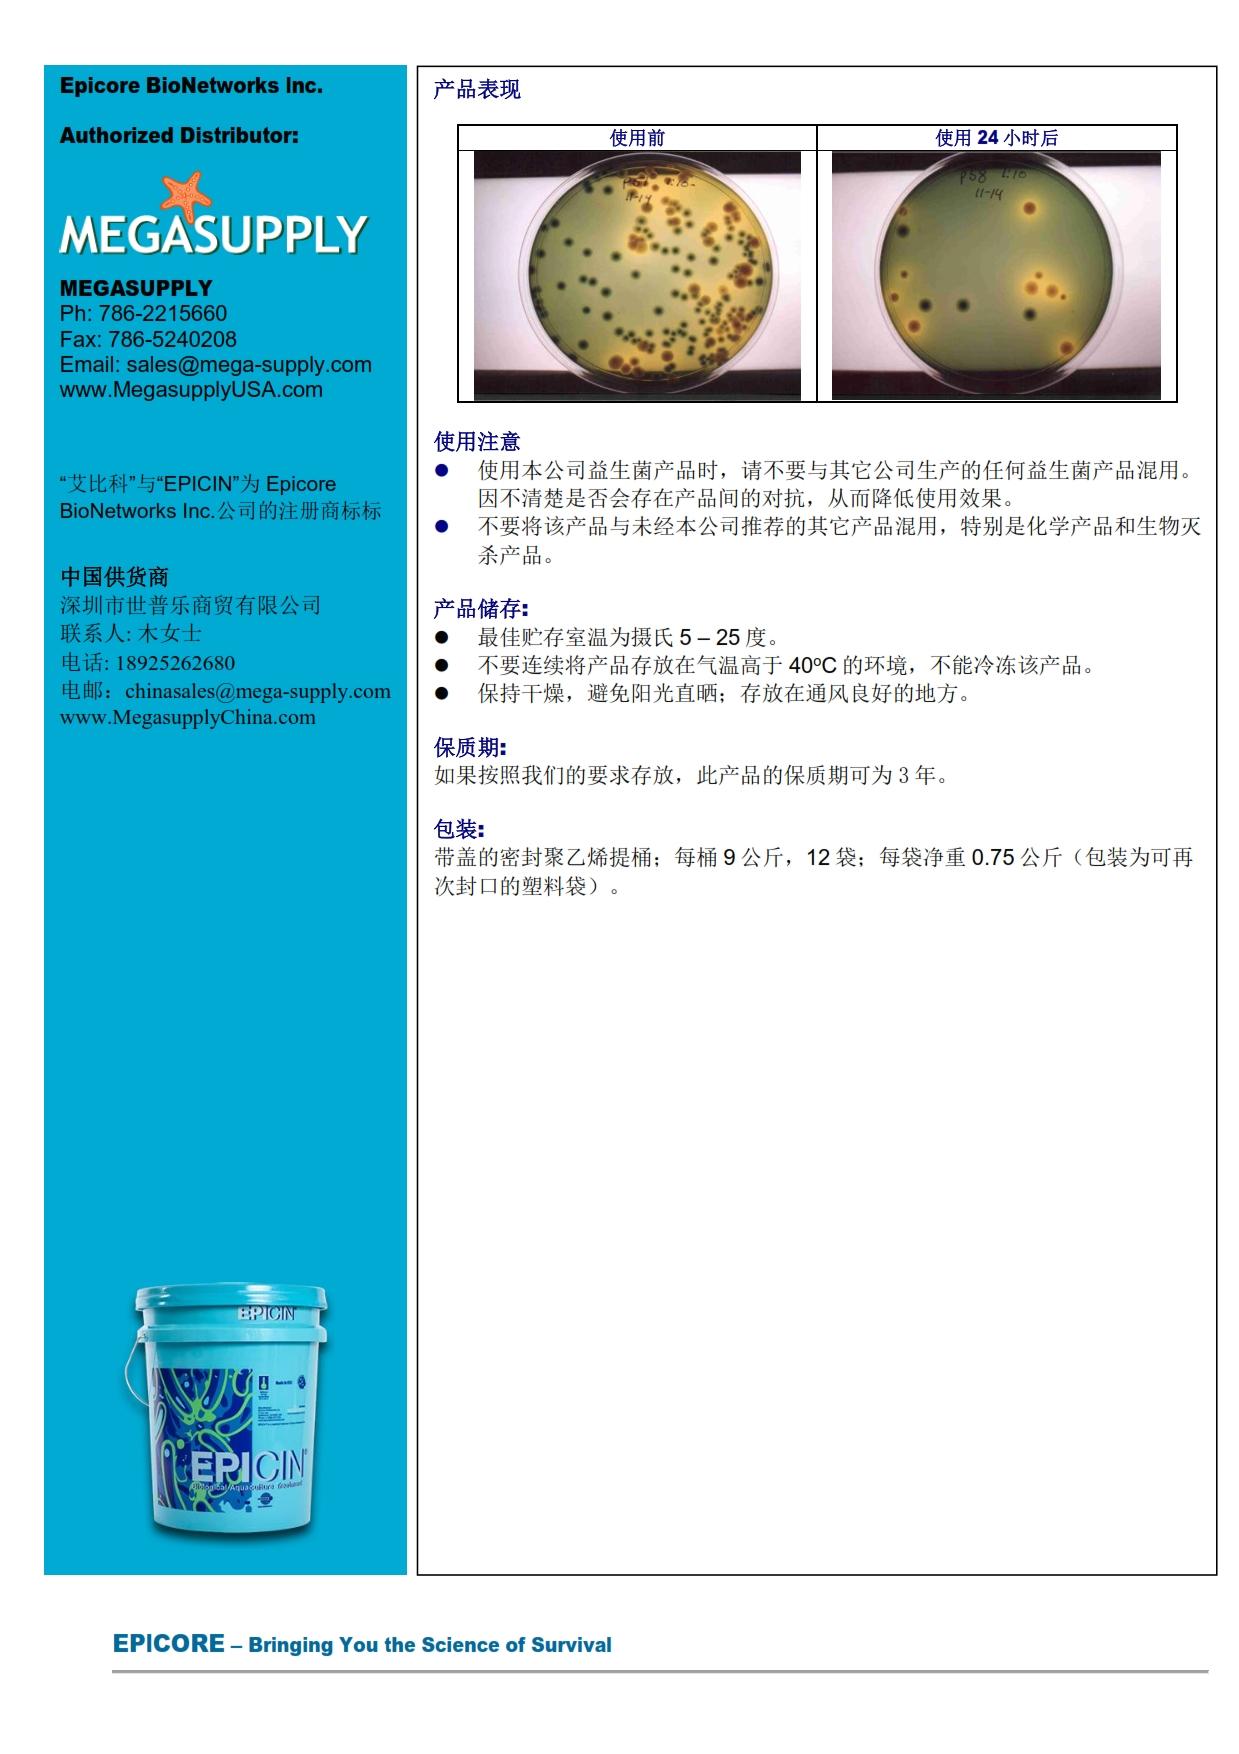 EPICIN-H2-2014-cn-V2d-web_002